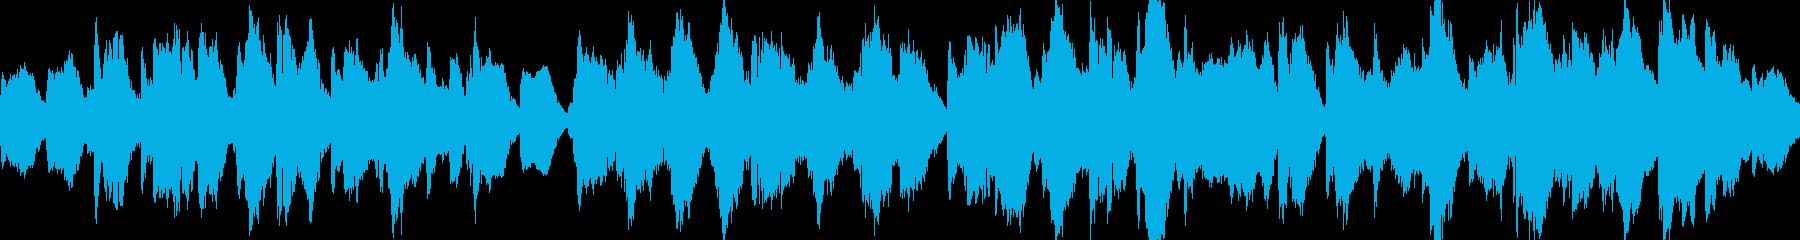 ホラー・魔女の森のオーケストラ・ループ版の再生済みの波形